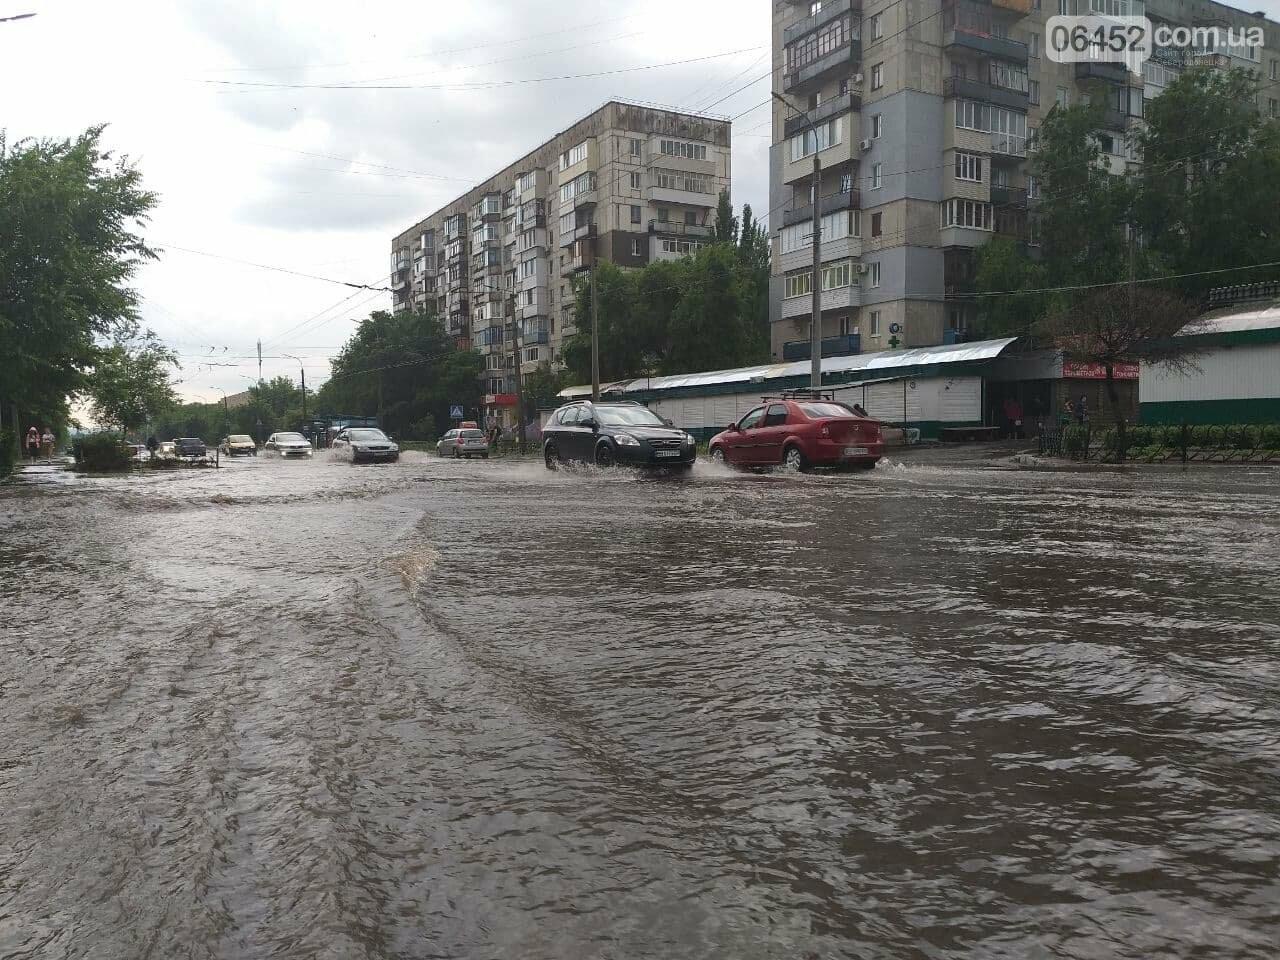 После дождика в четверг: мощный ливень обрушился на Северодонецк и оставил массу проблем, фото-10